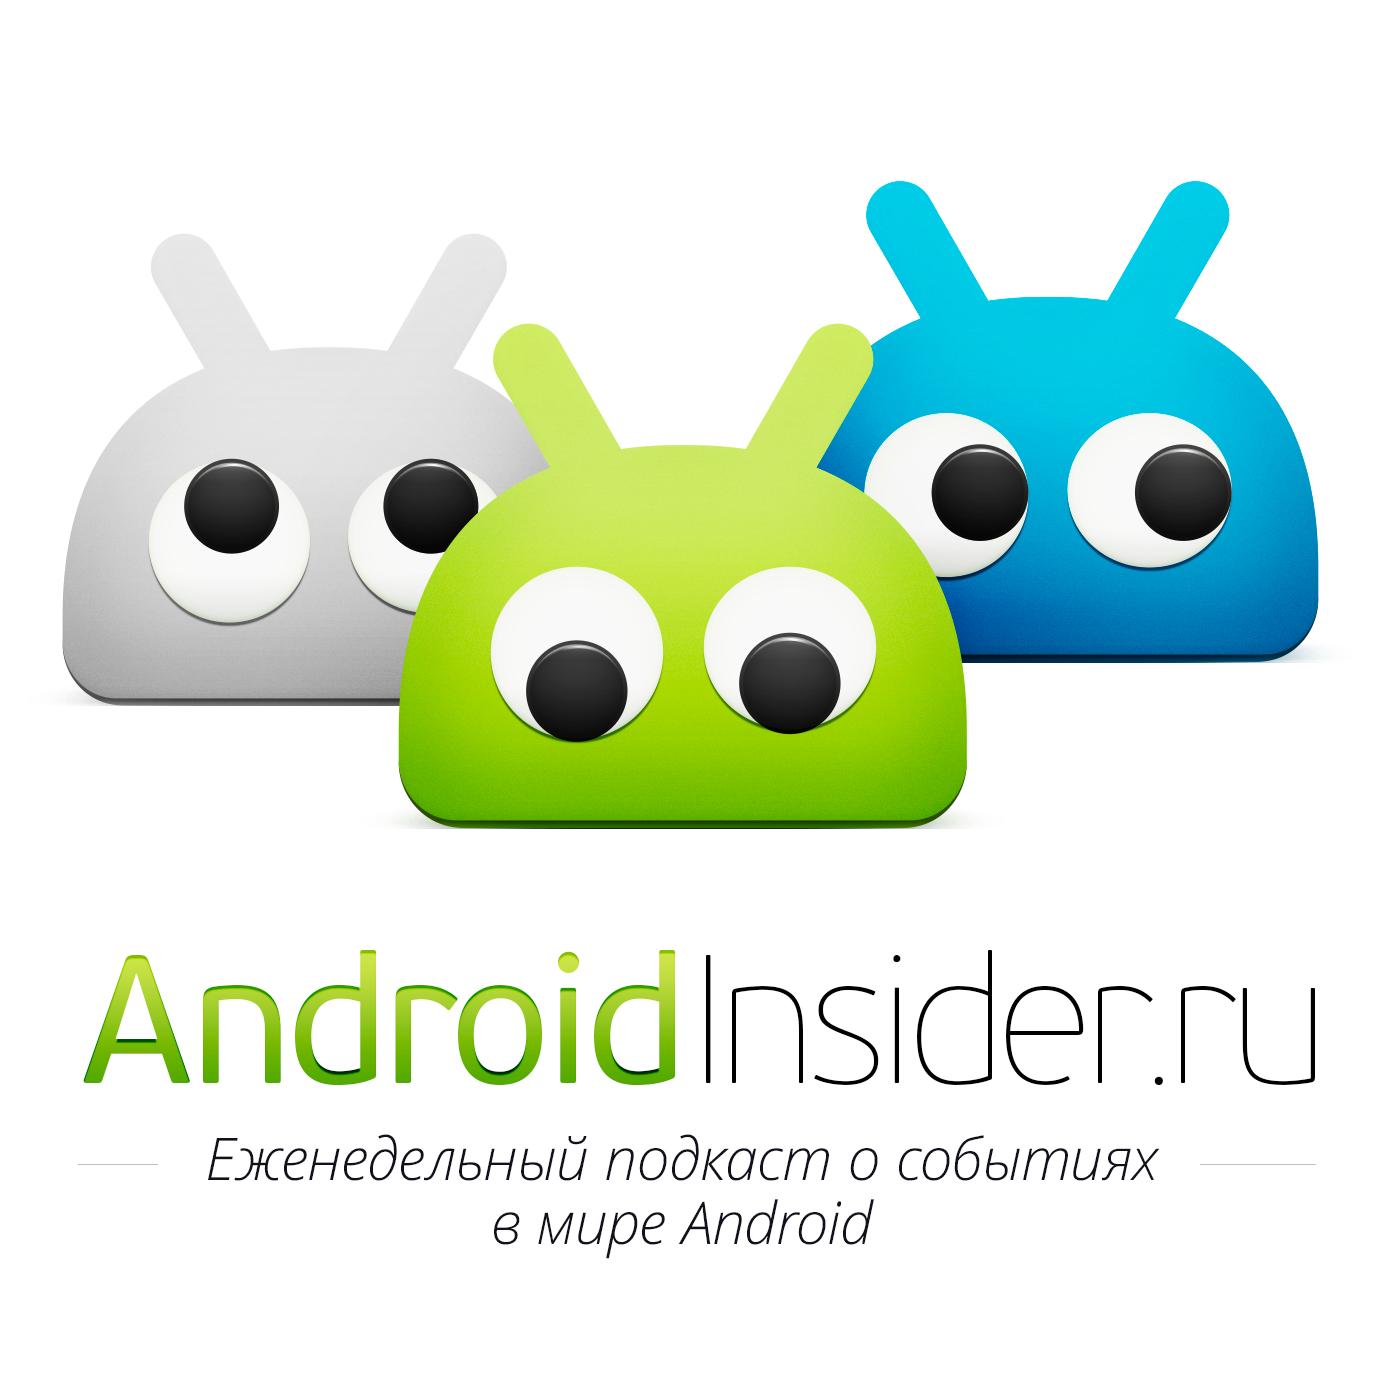 Илья Ильин Samsung Galaxy S7 или кипячение? илья ильин highscreen boost 3 и ожидание nexus